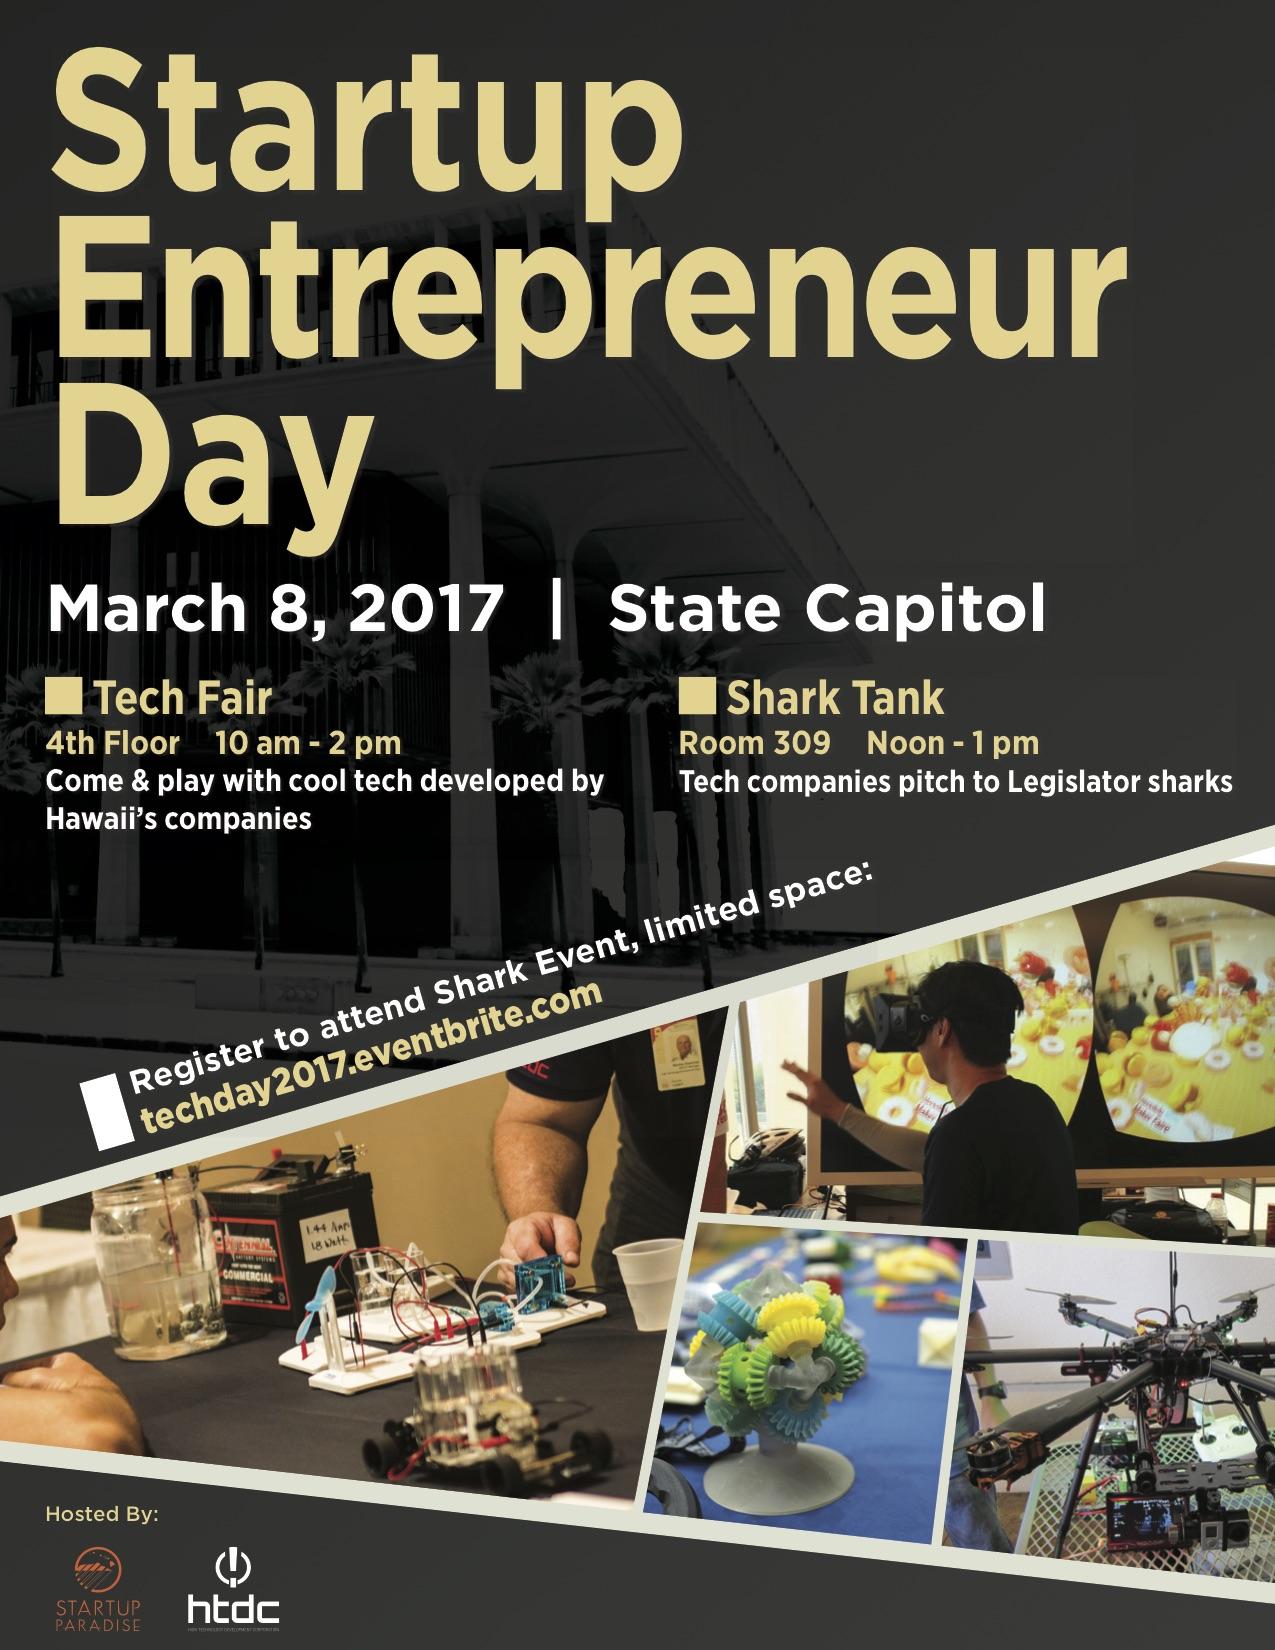 Startup Entrepreneur Day